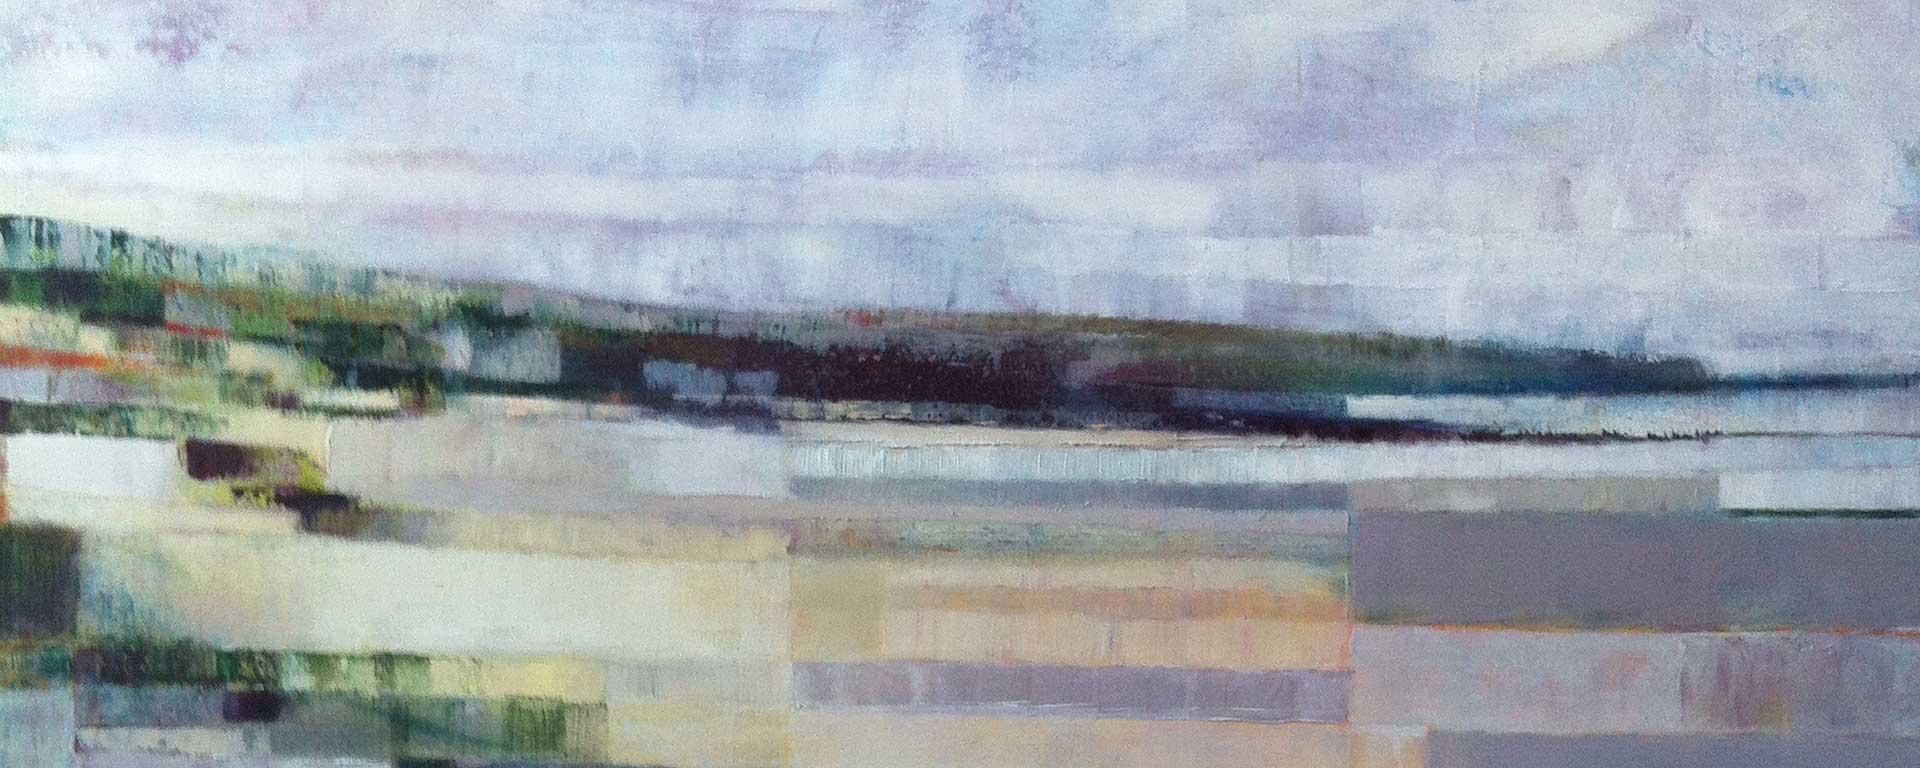 LOST17: Liverpool Open Studios: Deborah Butler Gallery